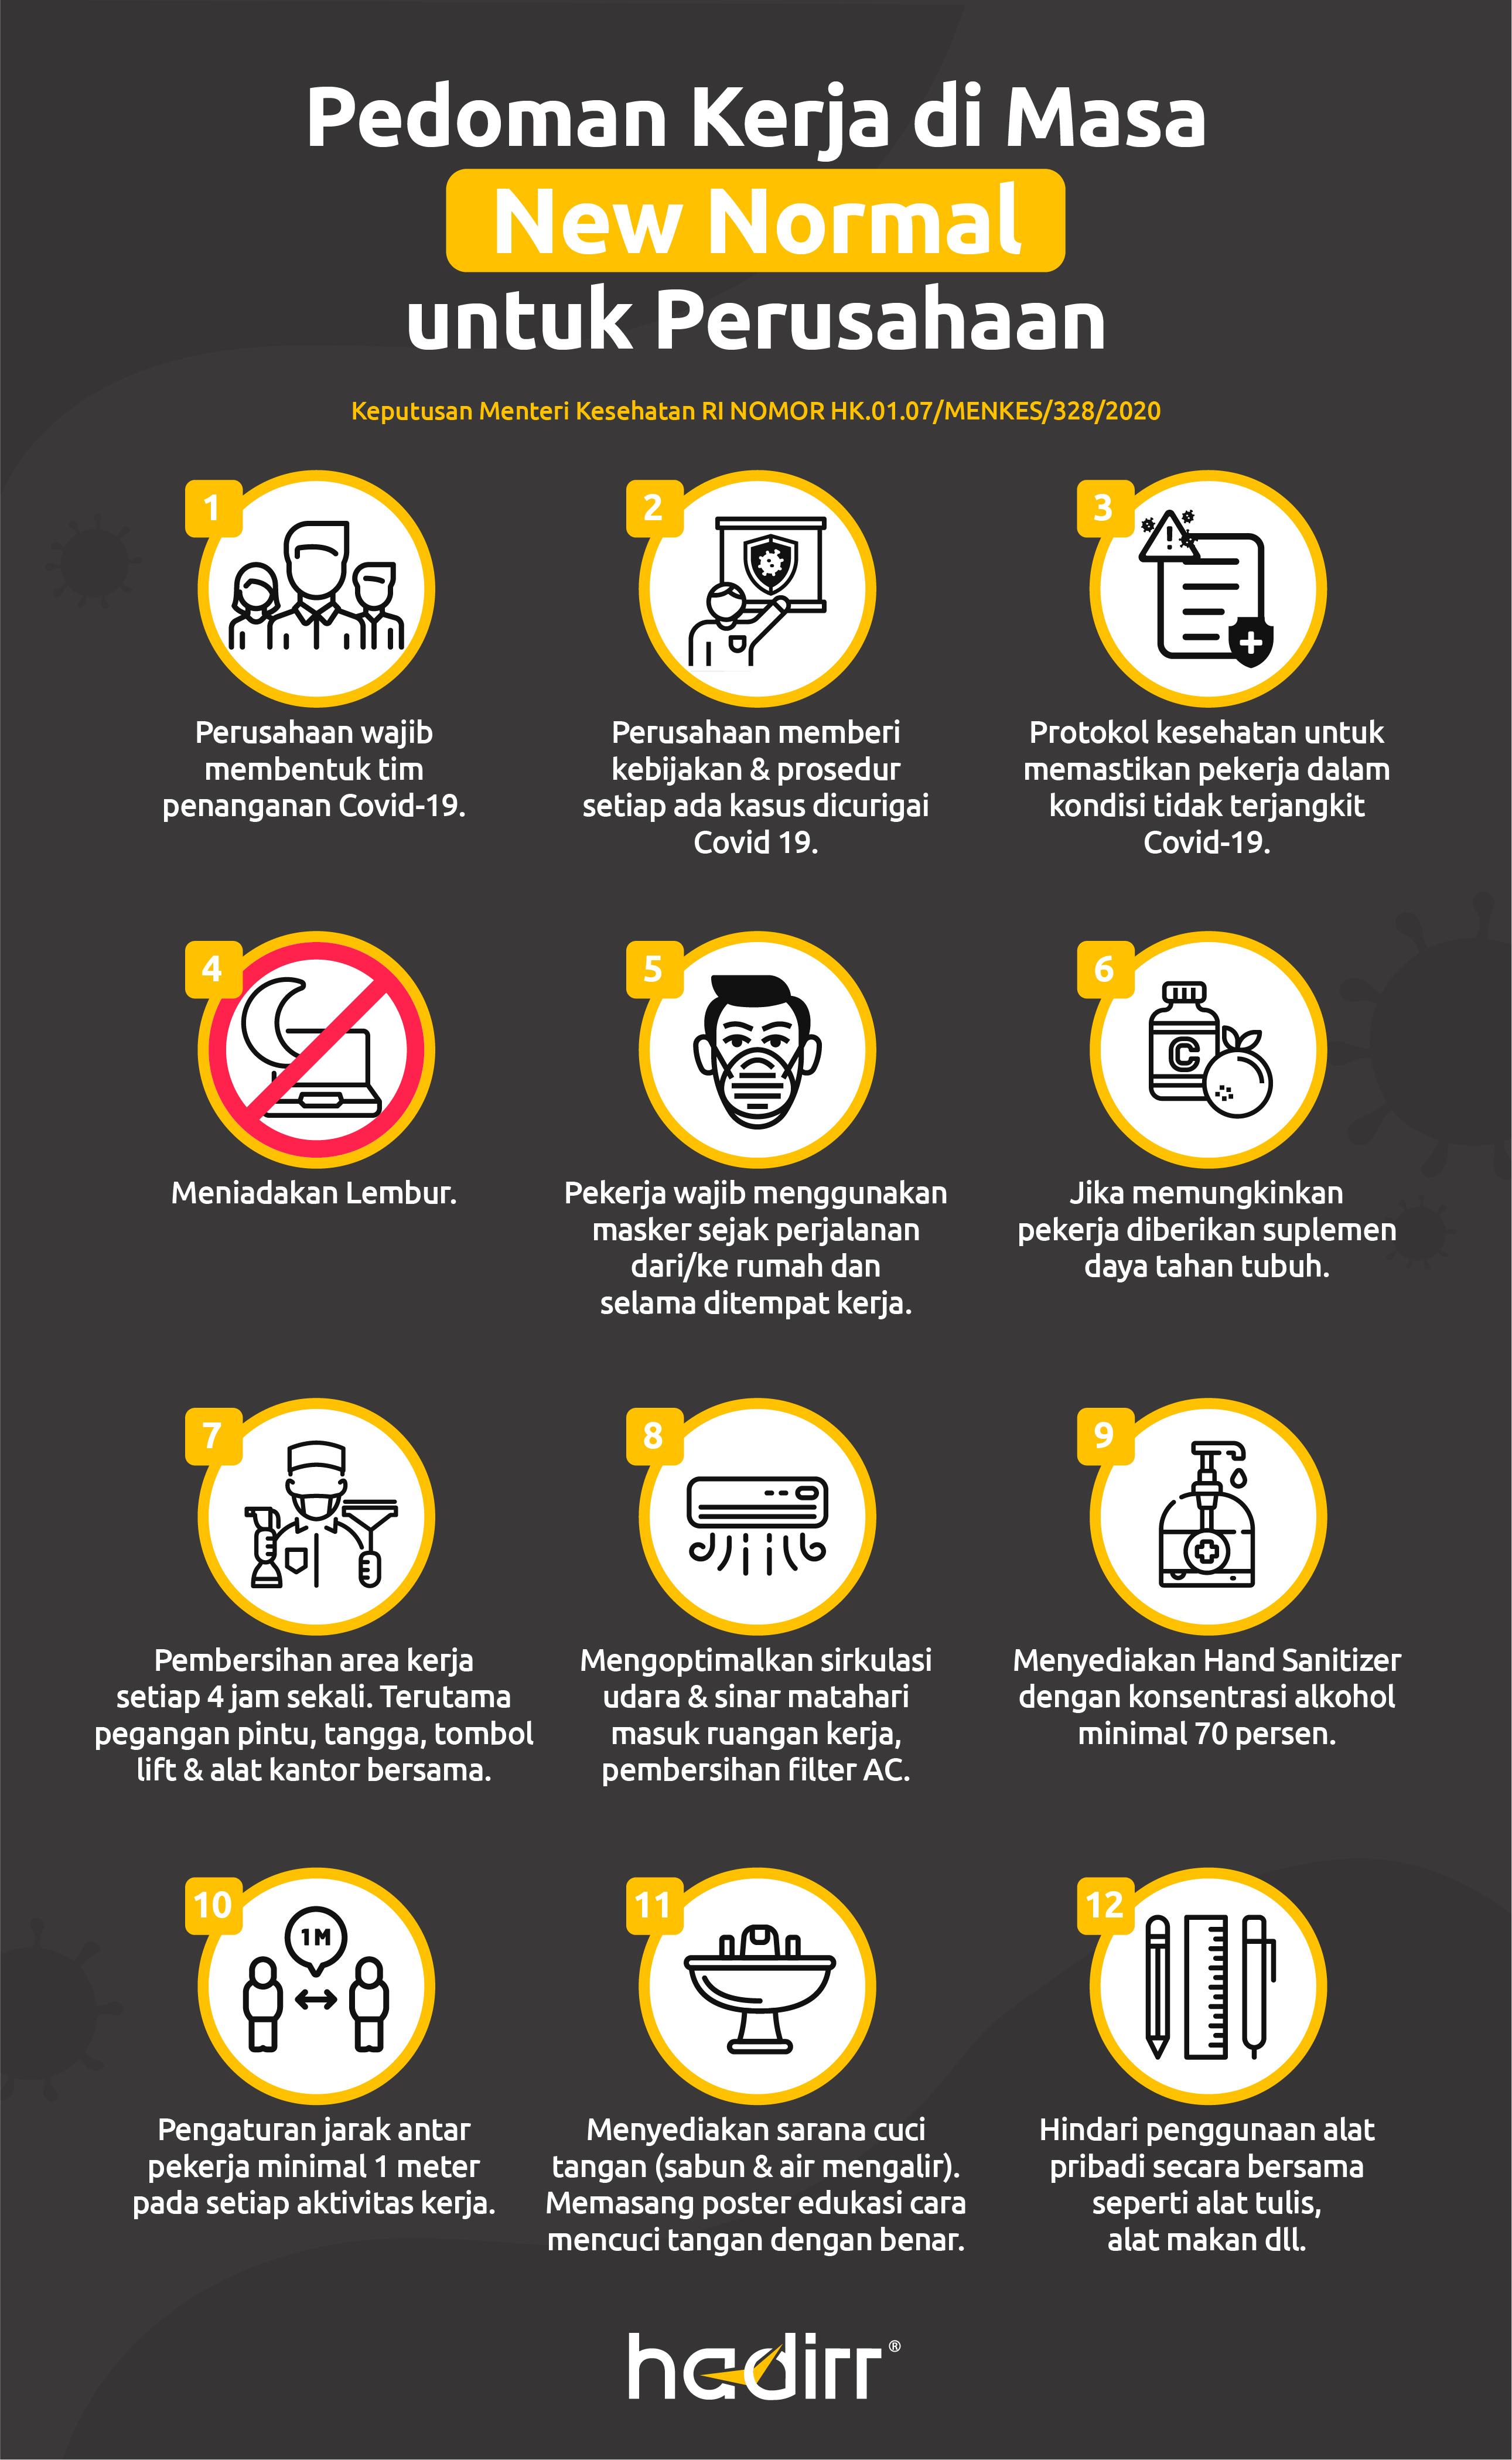 Hadirr-Infografis-atau-Poster-Pedoman-Protokol-New-Normal-Kerja-Perusahaan-Karyawan-Pekerja